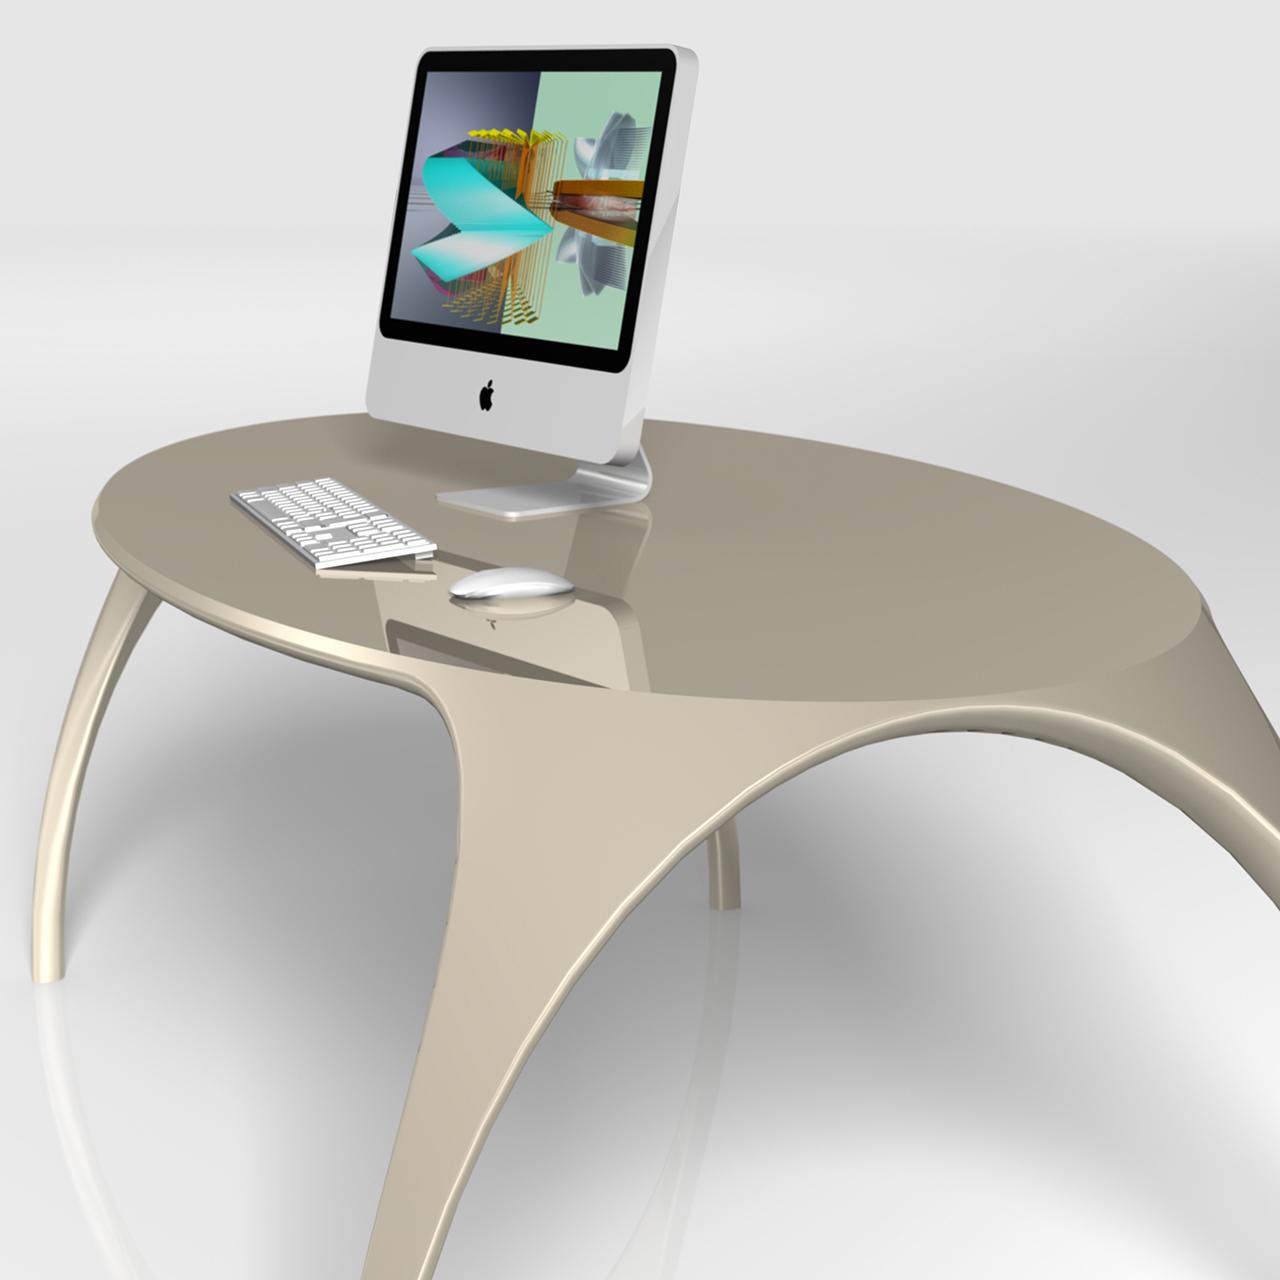 Tavolo Lieve_designer Ugo Pagliaro per Zad Italy 4